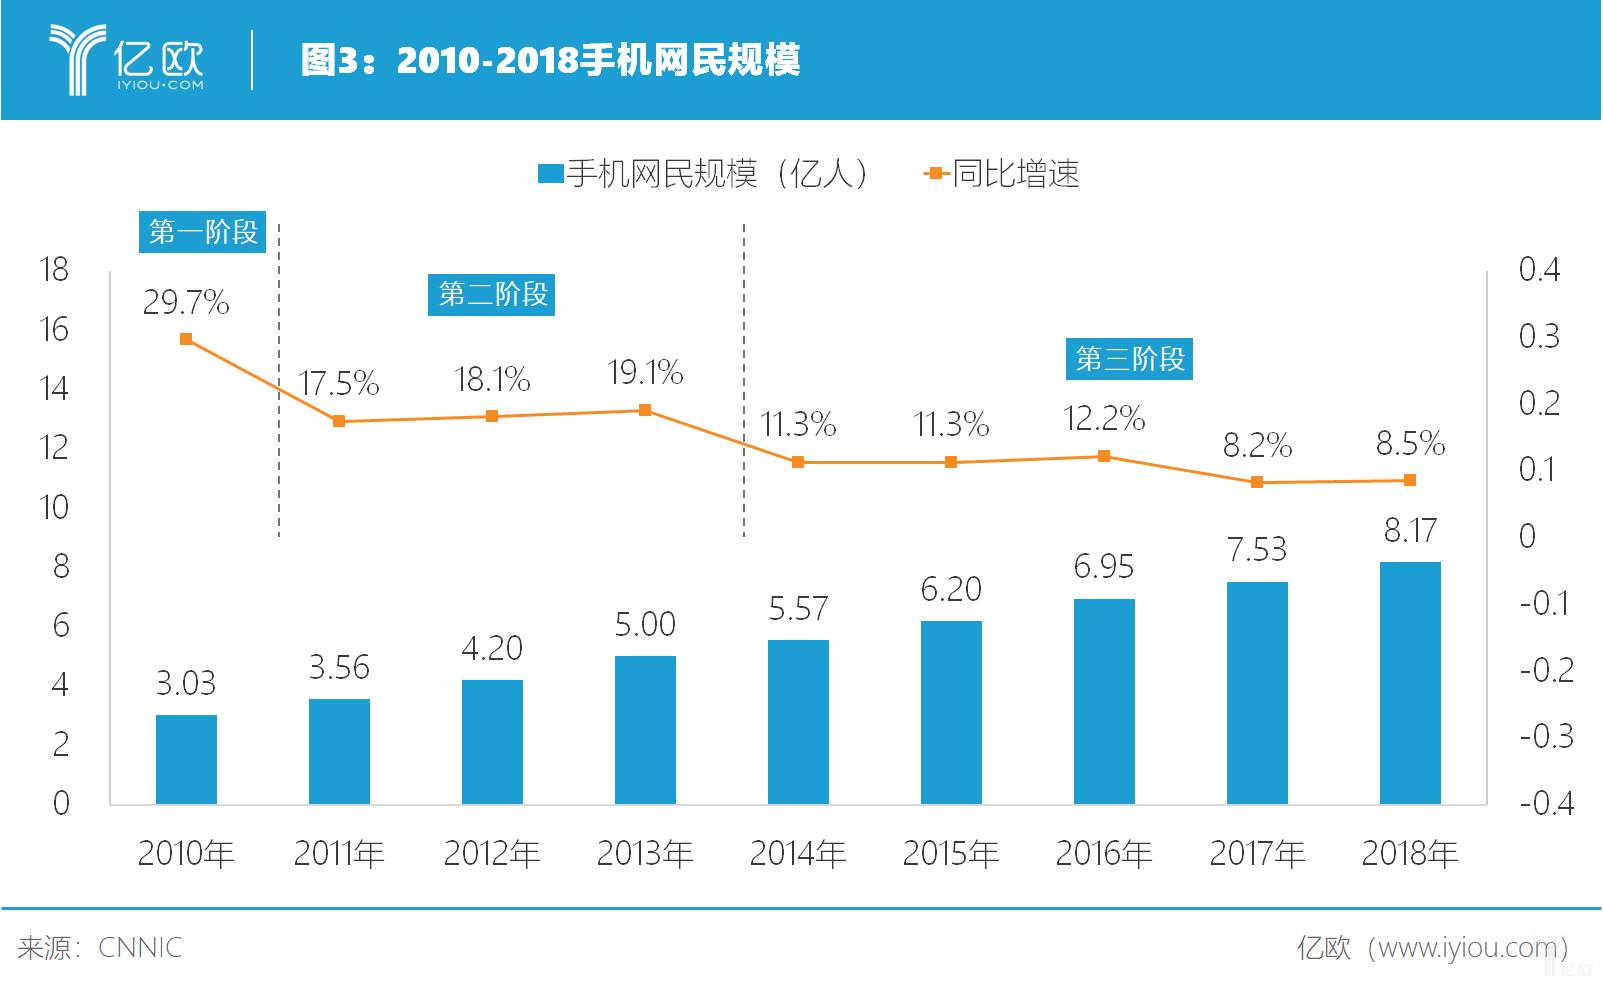 亿欧智库2010-2018年手机网民规模